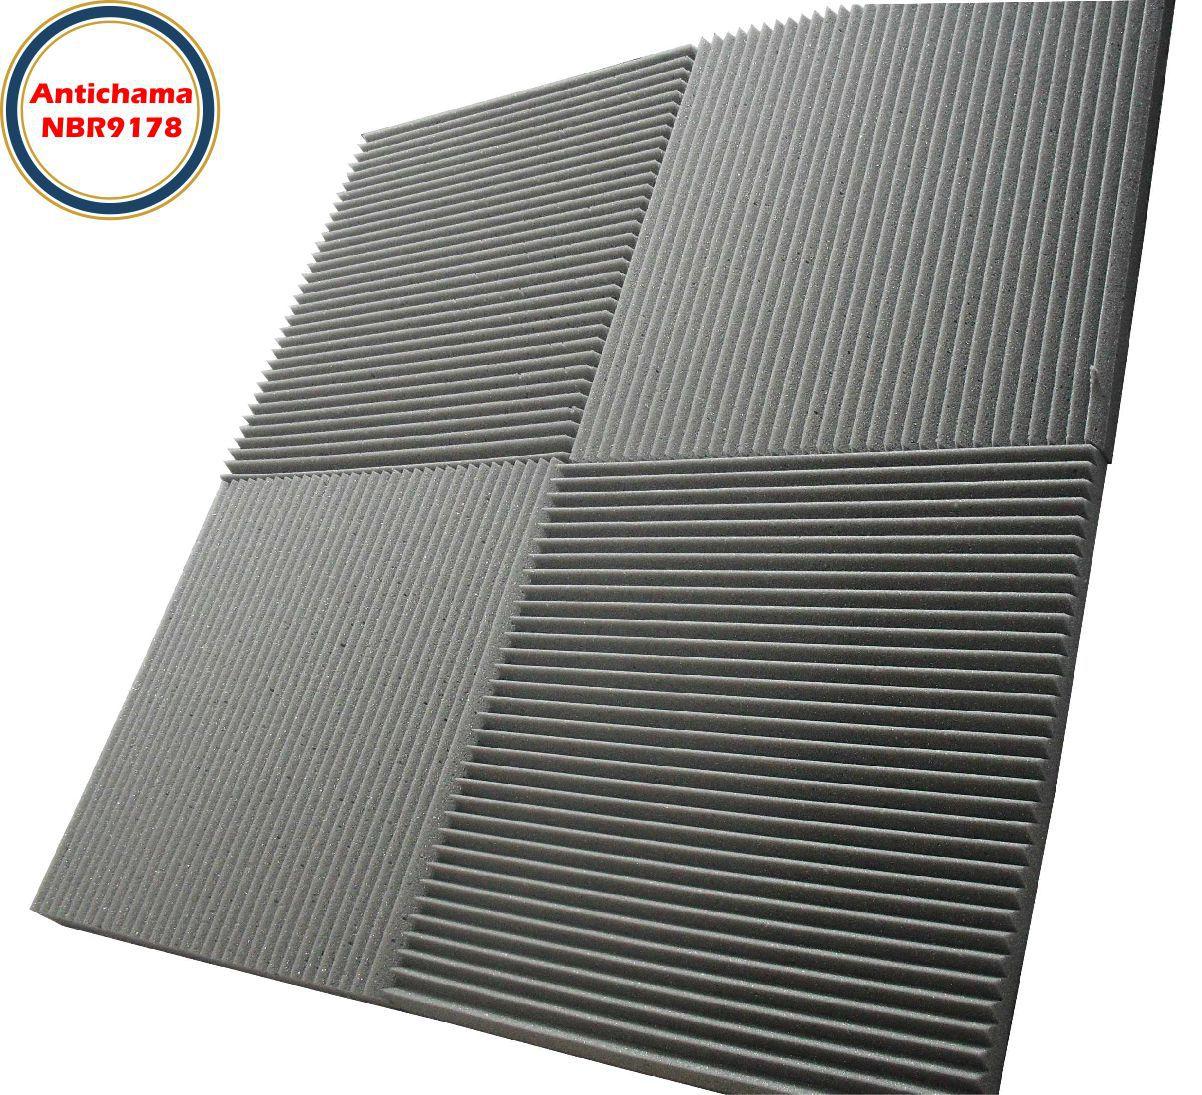 Espuma Acústica Antichama Linha Rev W - Kit 16 peças (4m²)  - Loja SPL Acústica